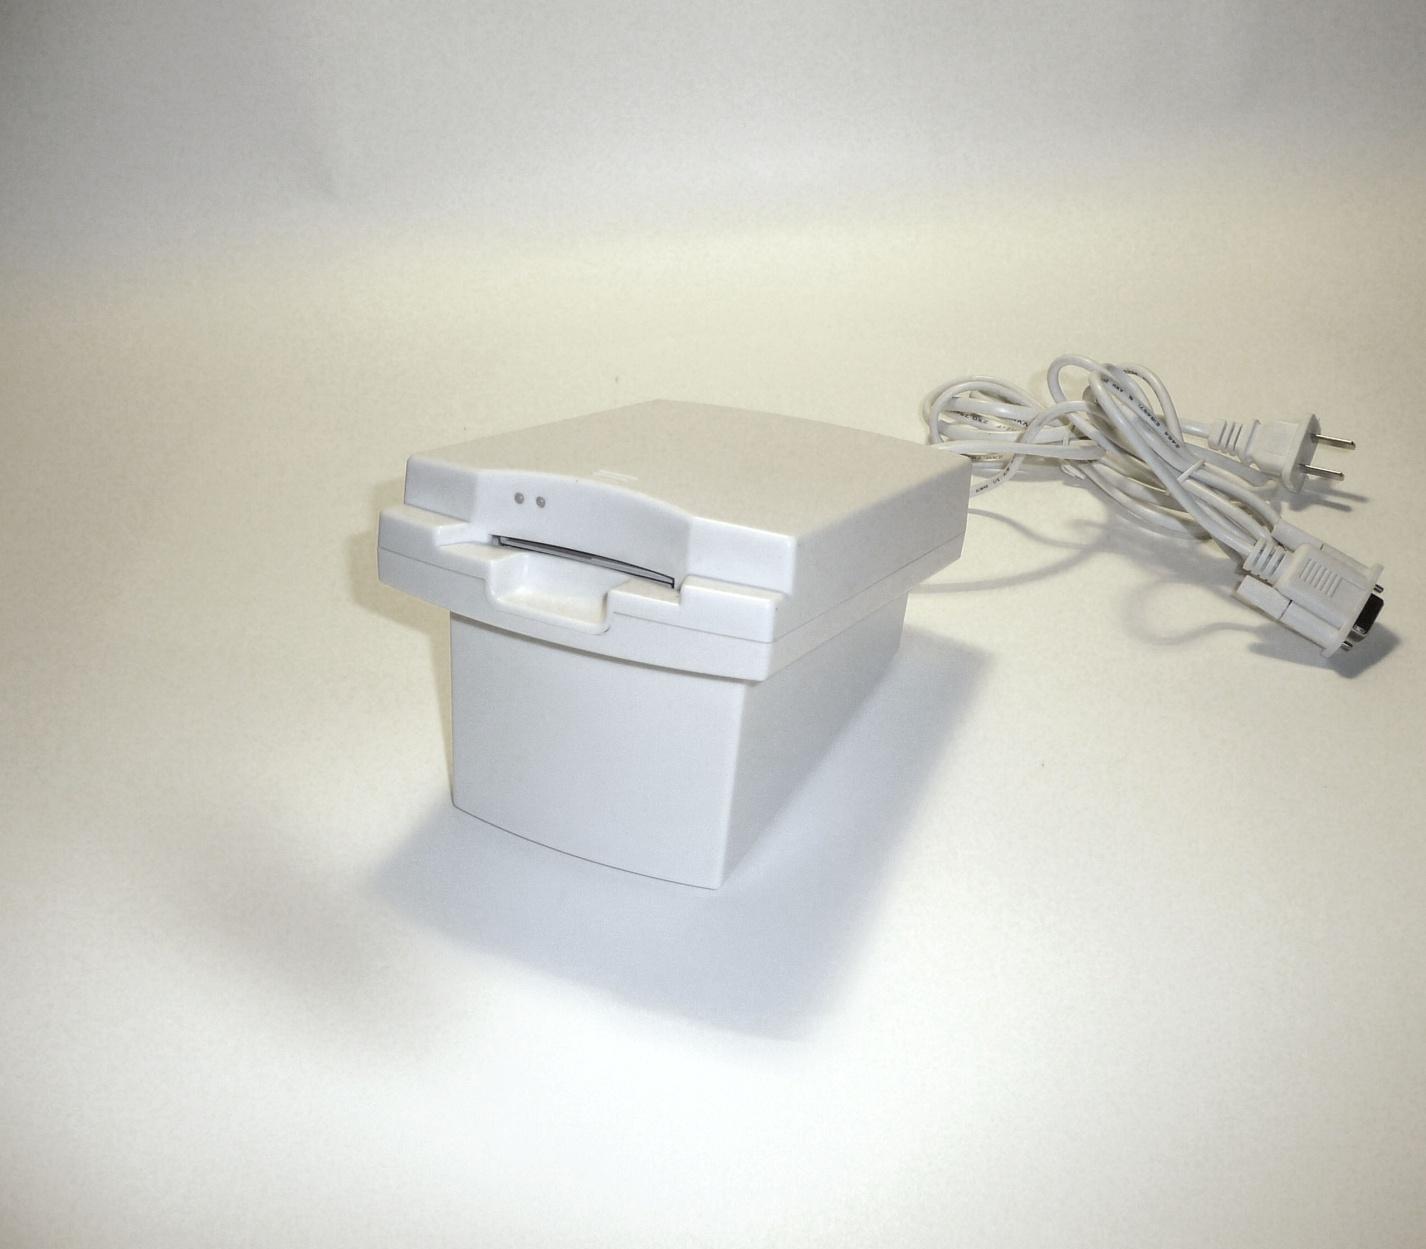 Кодировщик контактных смарт-карт SLE